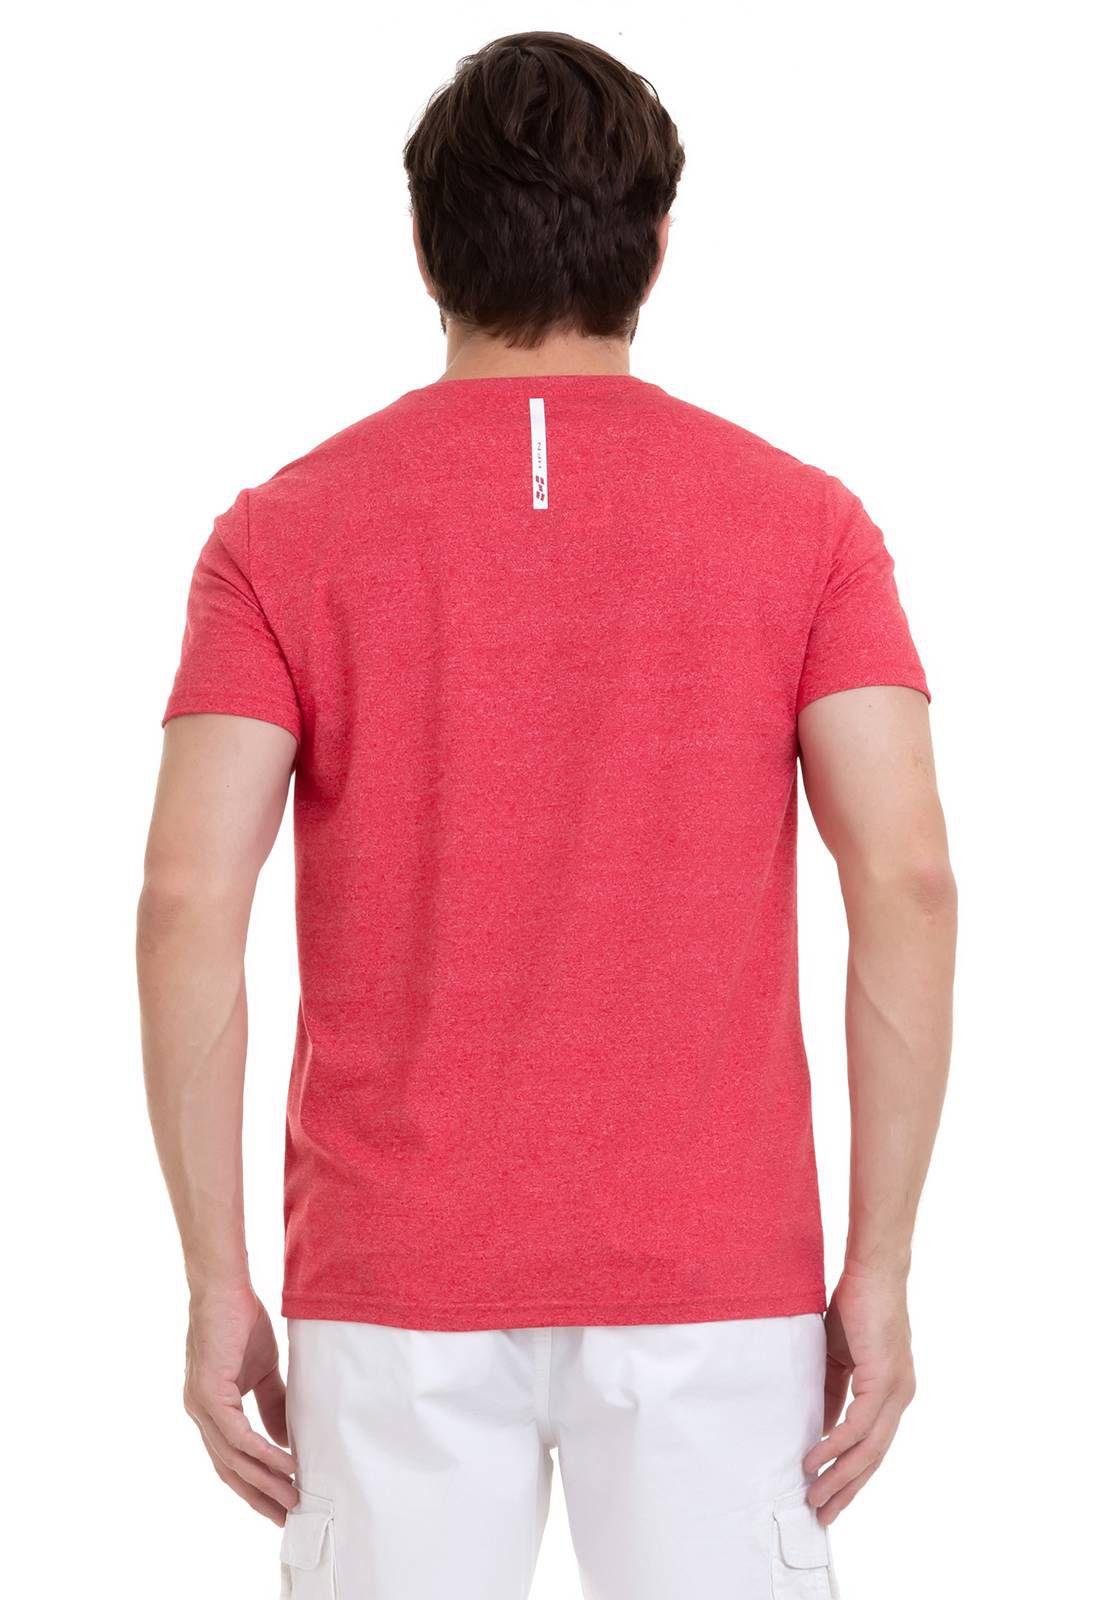 Camiseta Com Efeito Mescla